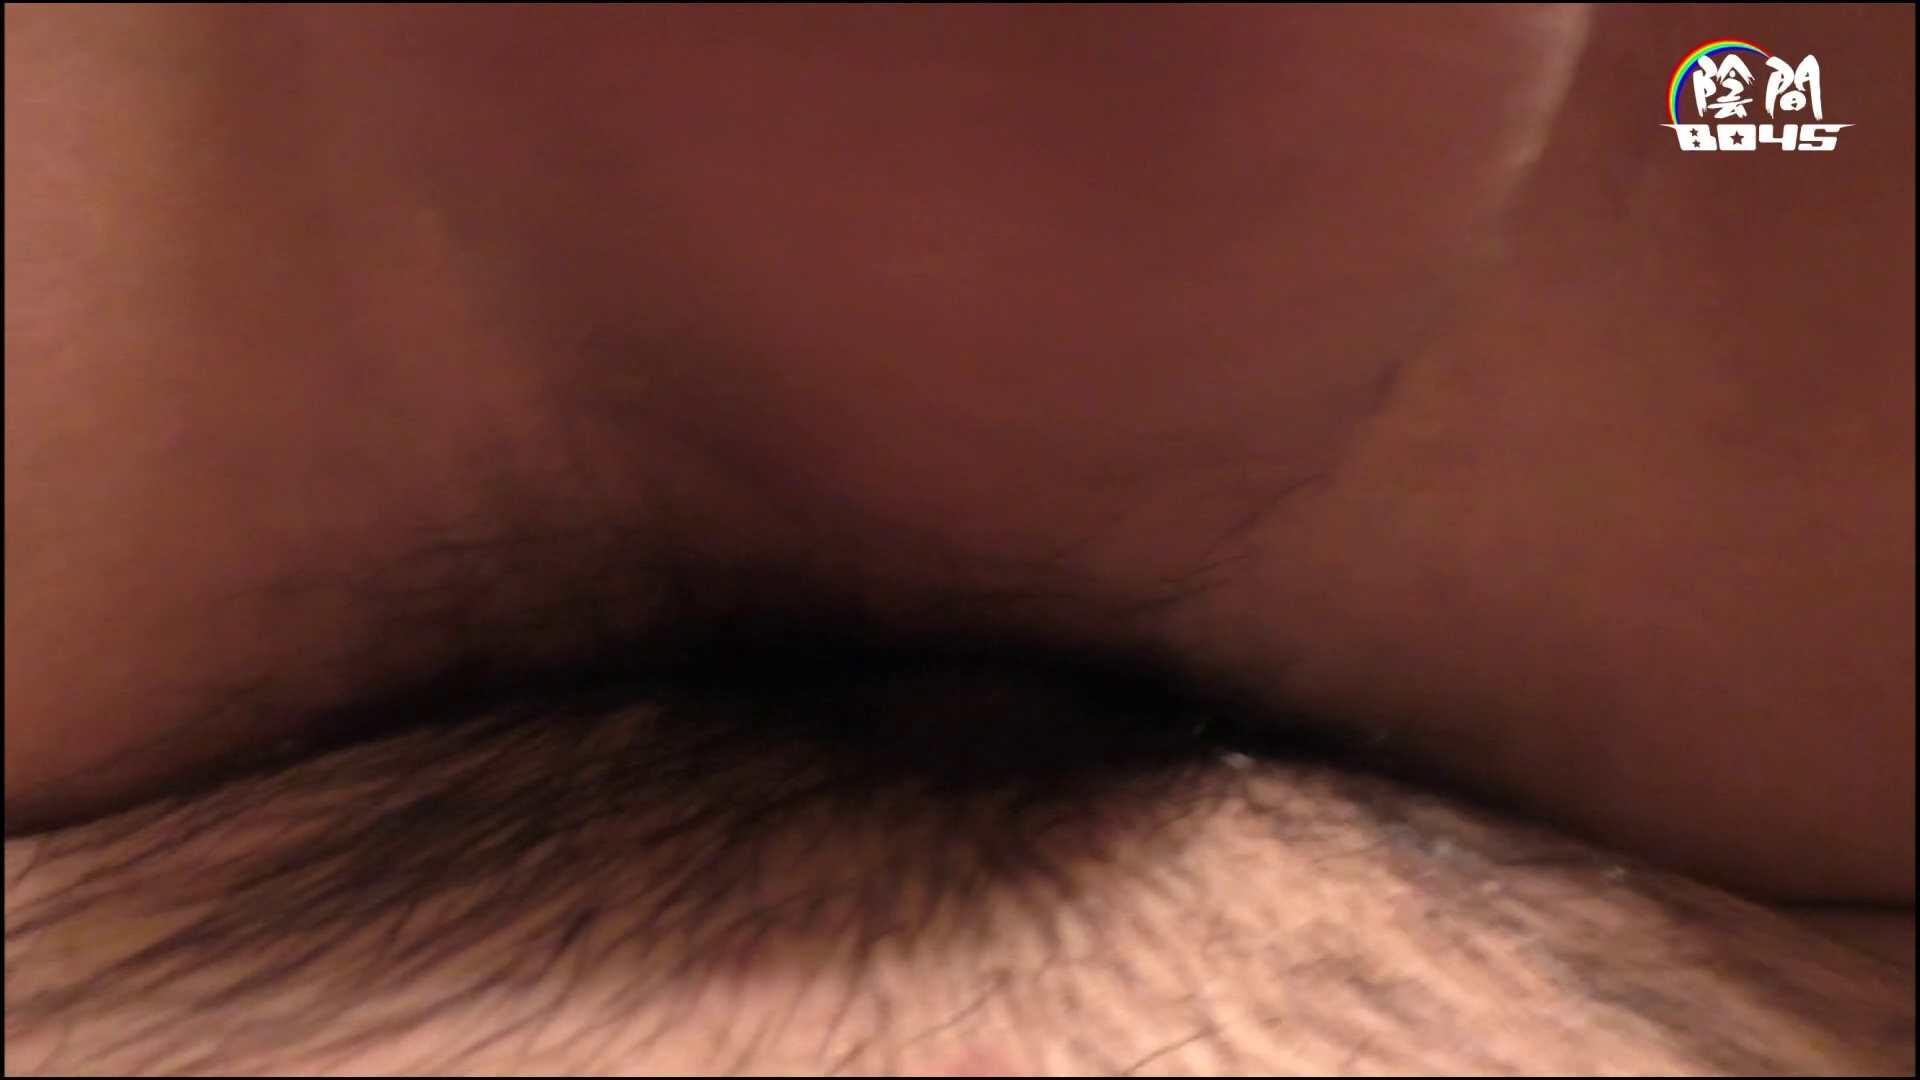 「君のアナルは」part2 ~ノンケの素顔~ Vol.07 ノンケ達のセックス | 君のアナルは  91画像 76